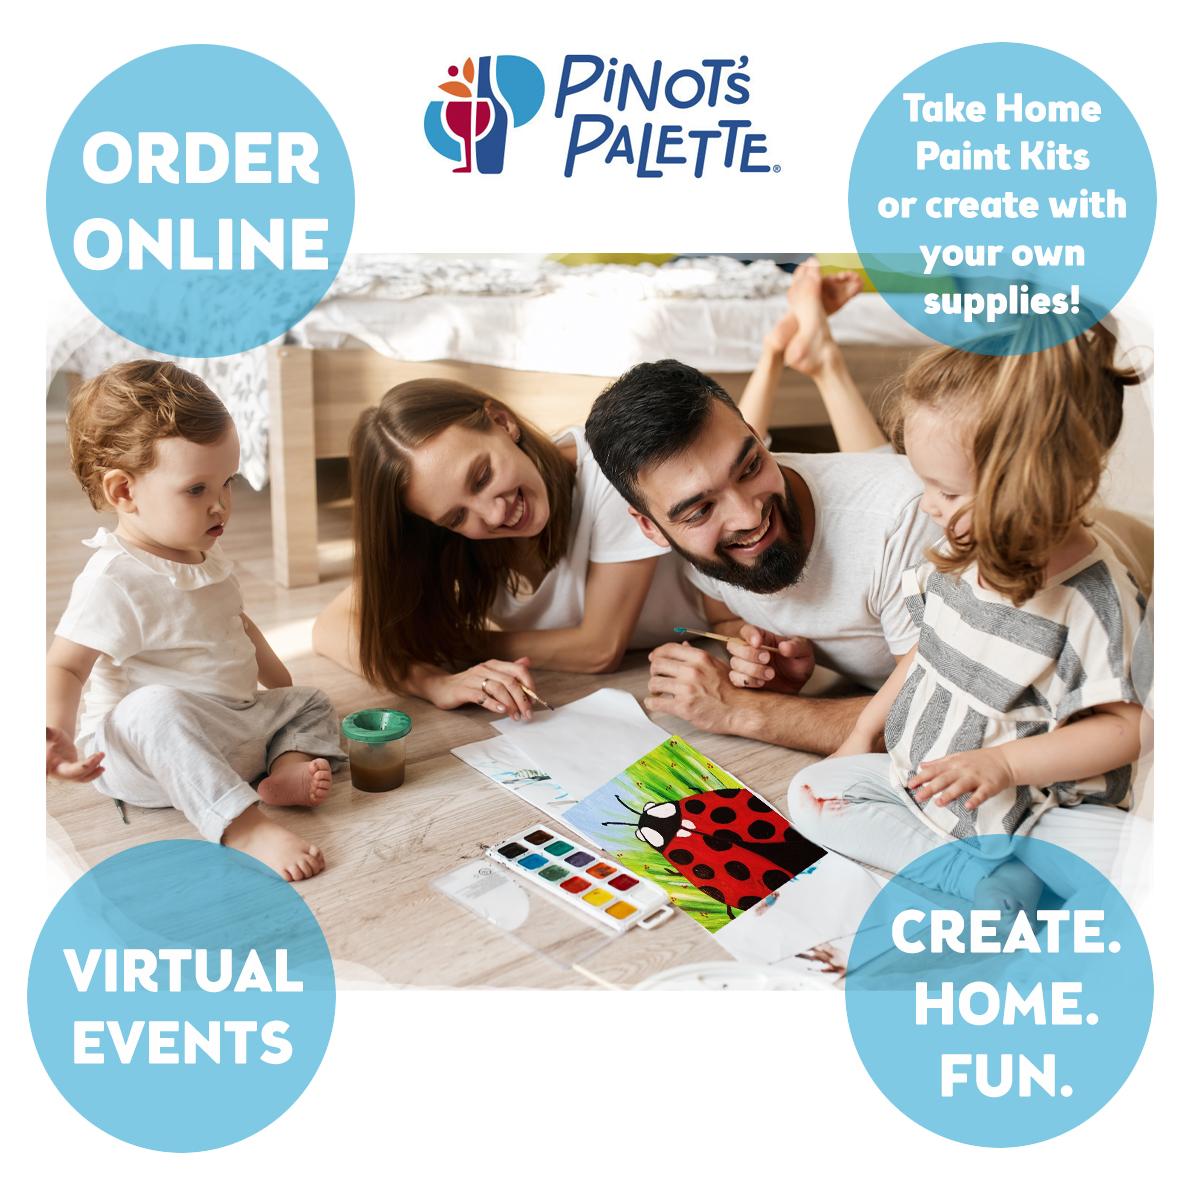 Online Order